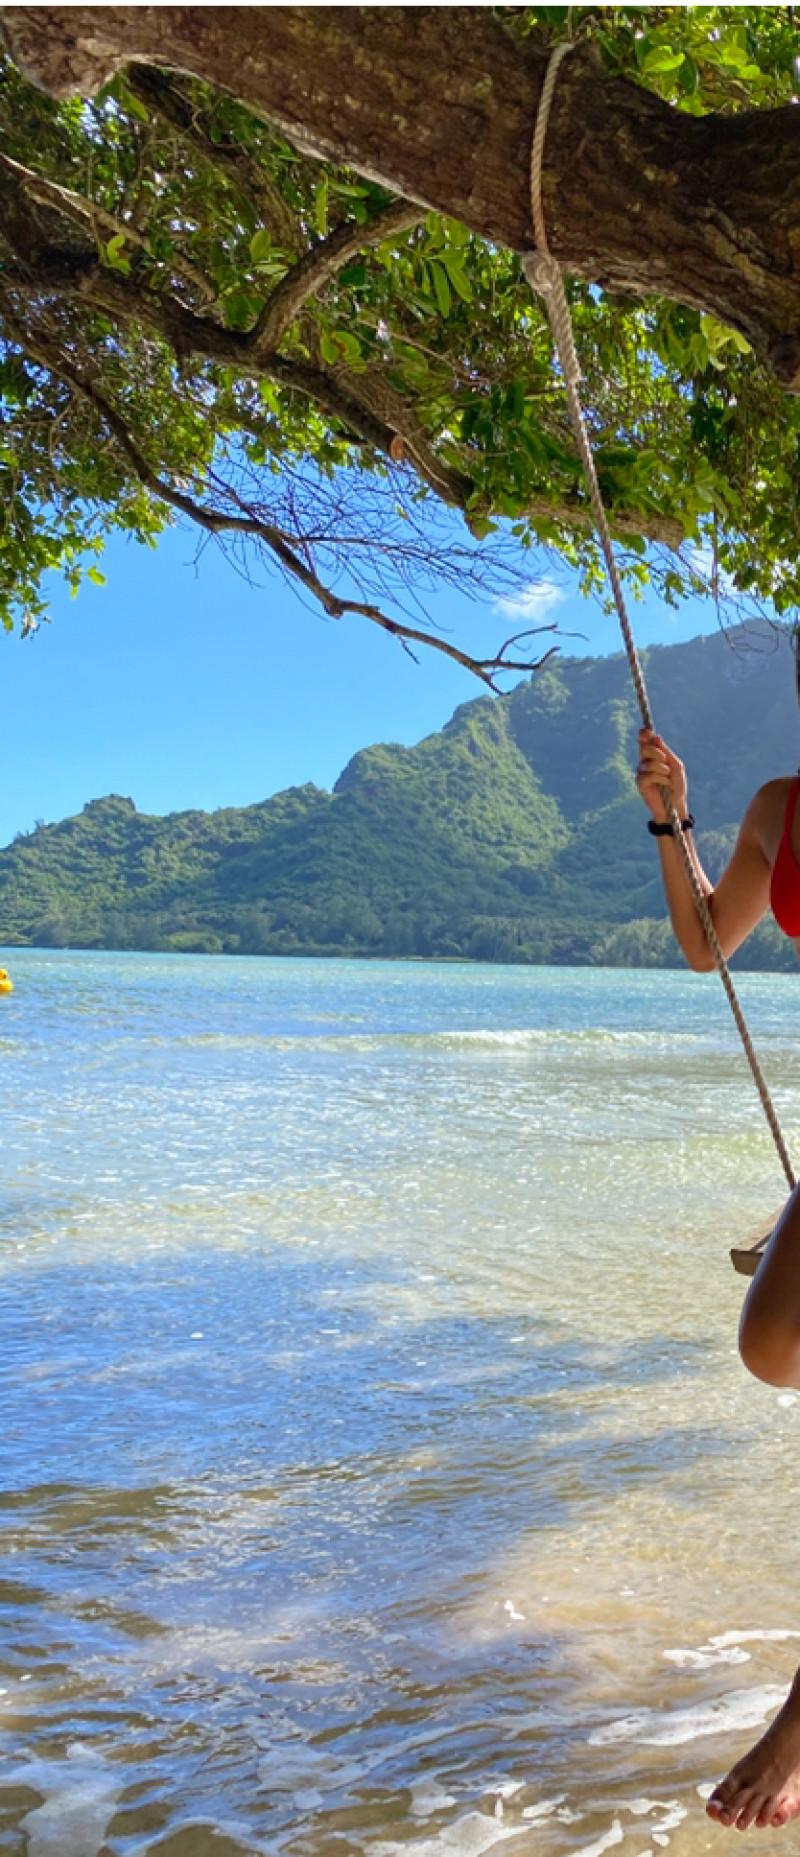 情系夏威夷 17: 鸽子树和网红博主